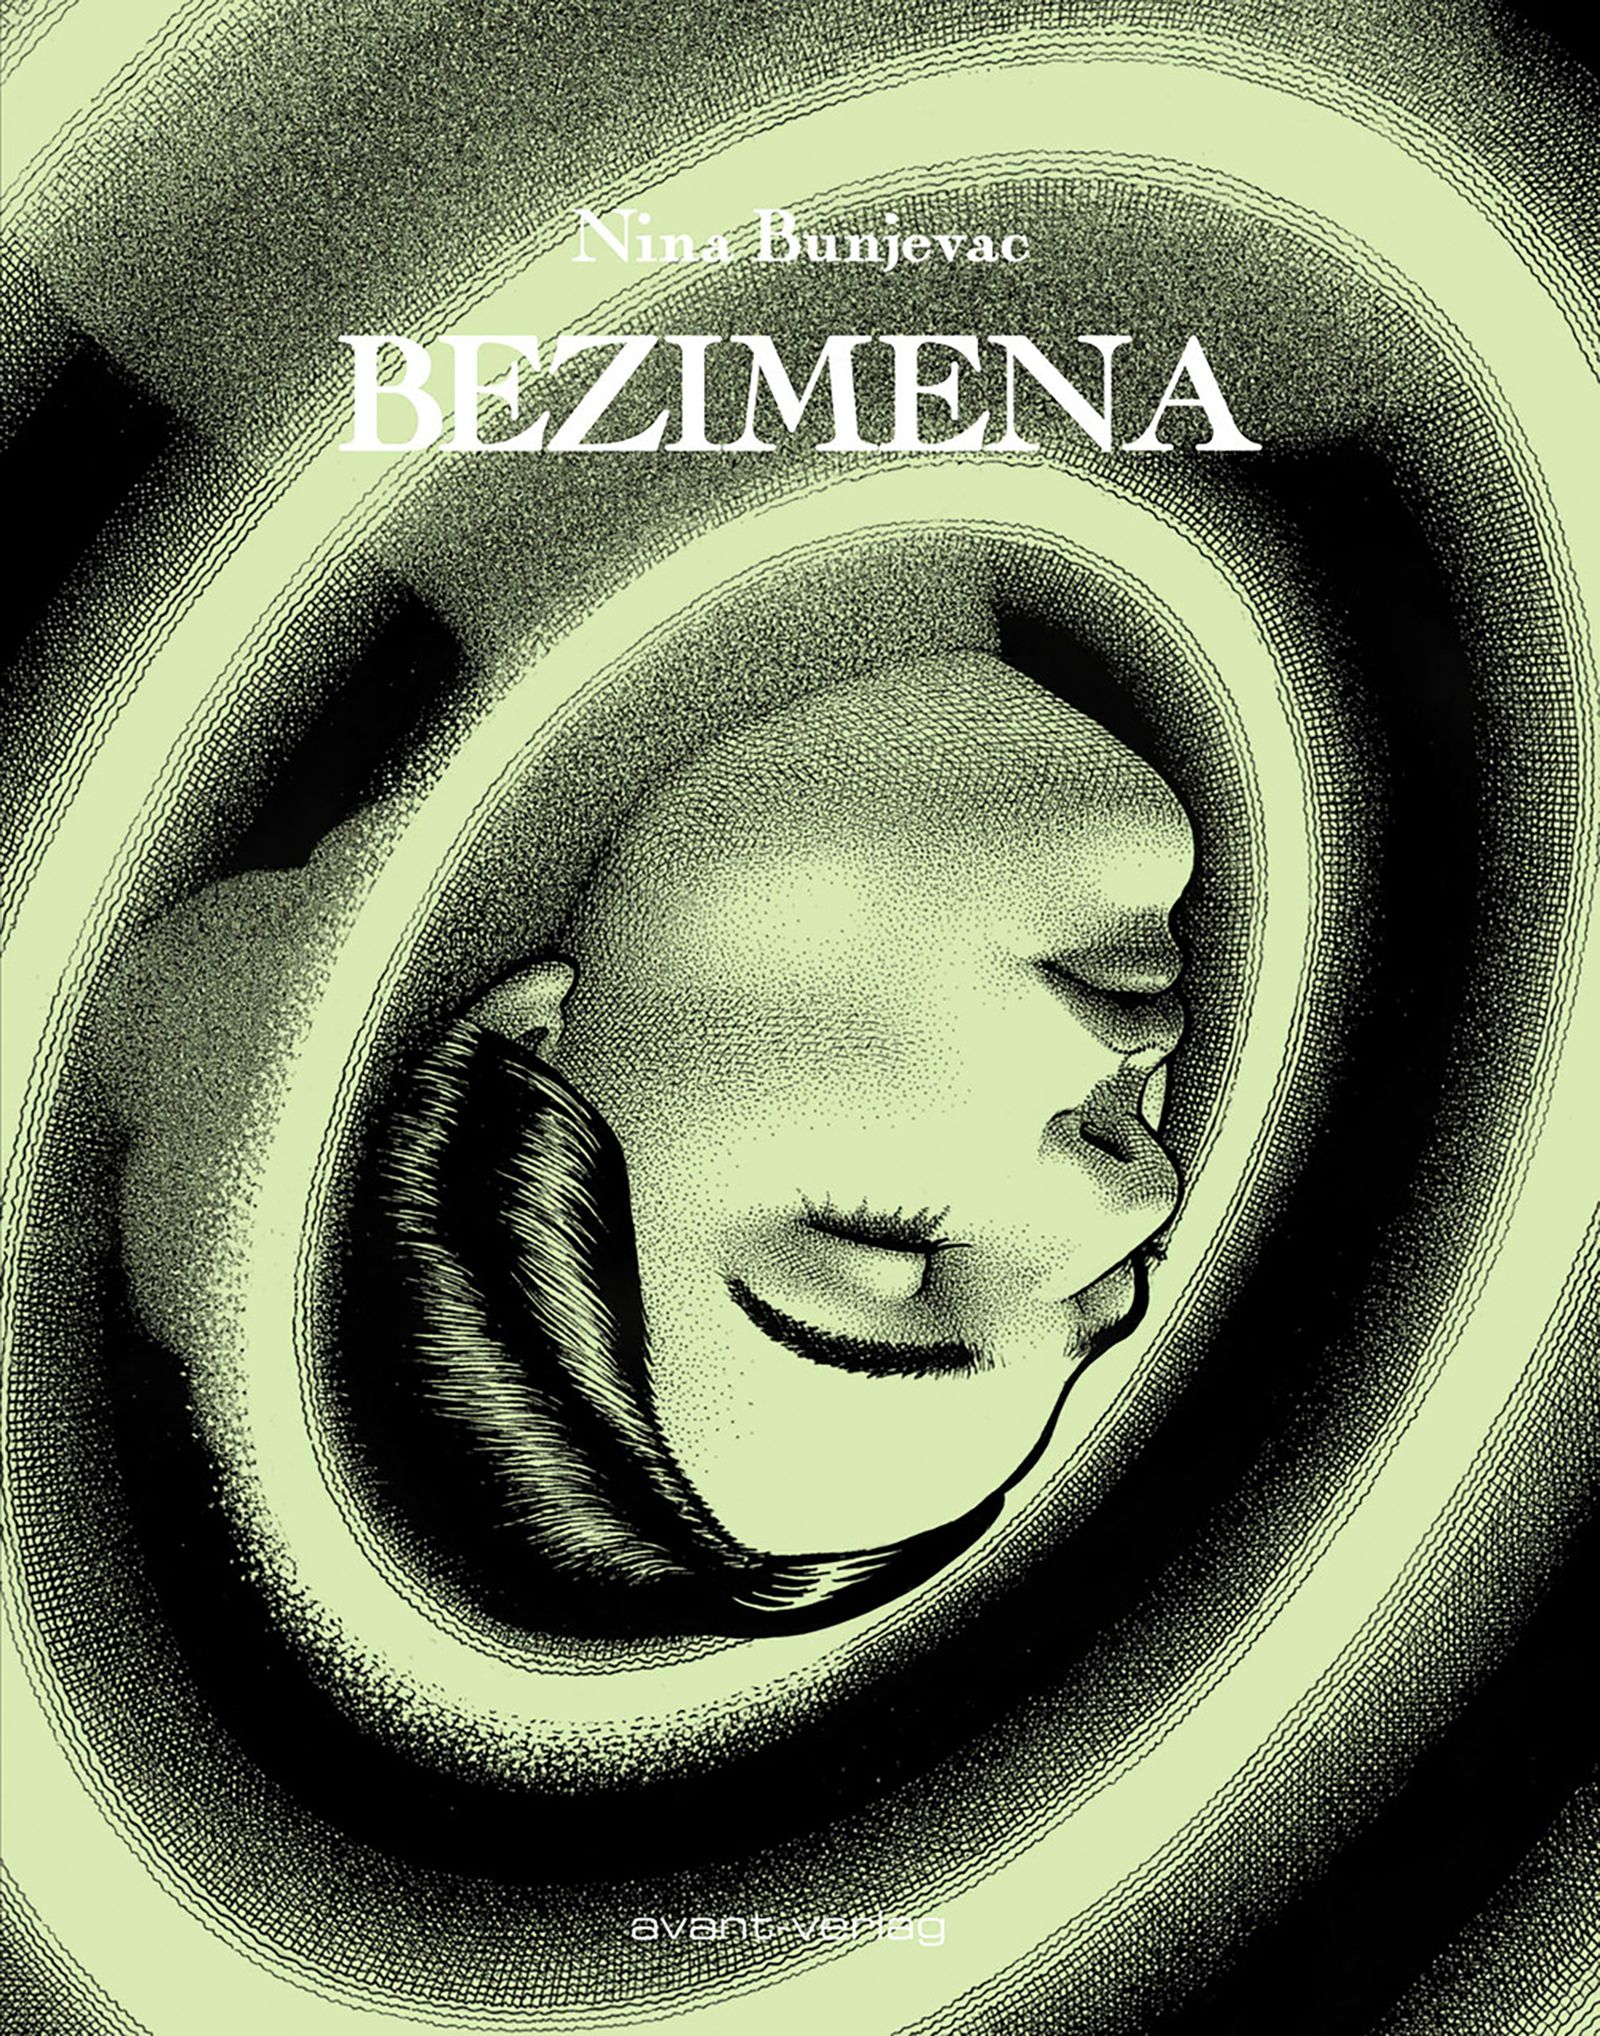 Comics/ Nina Bunjevac: Bezimena COVER